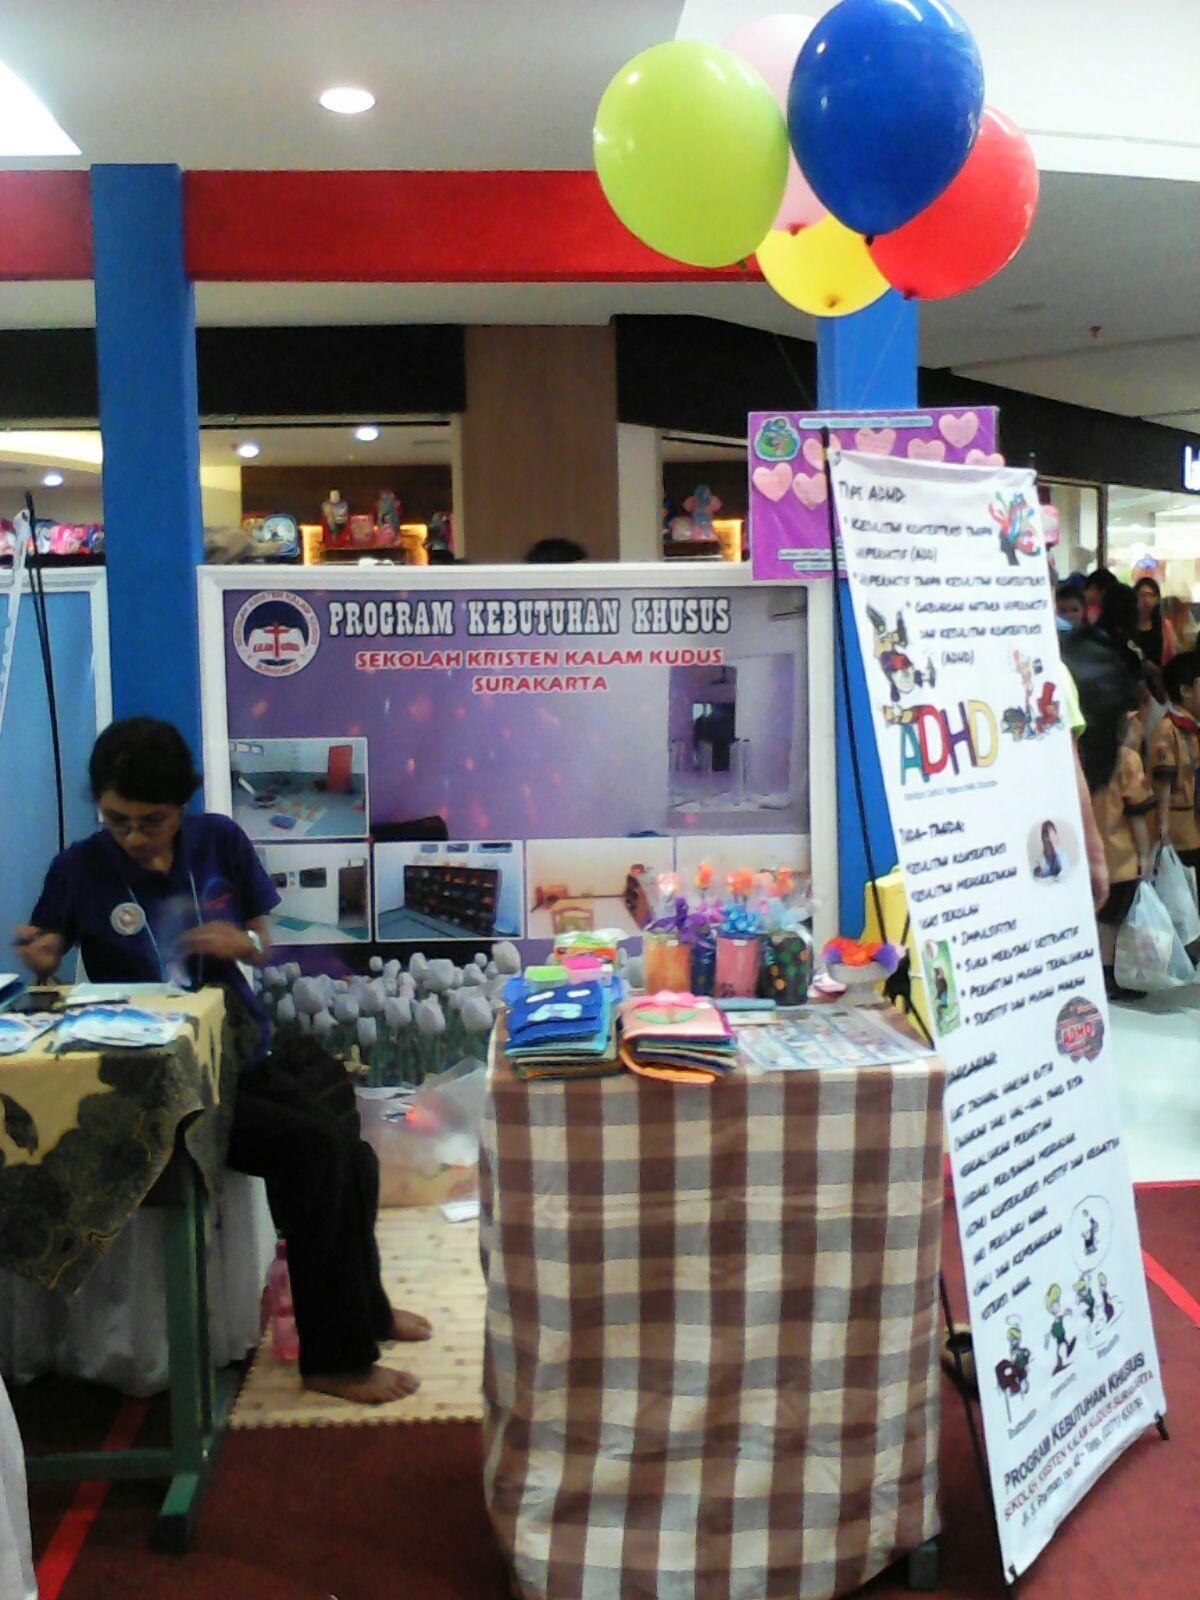 Program Kebutuhan Khusus di KK Fair 2015